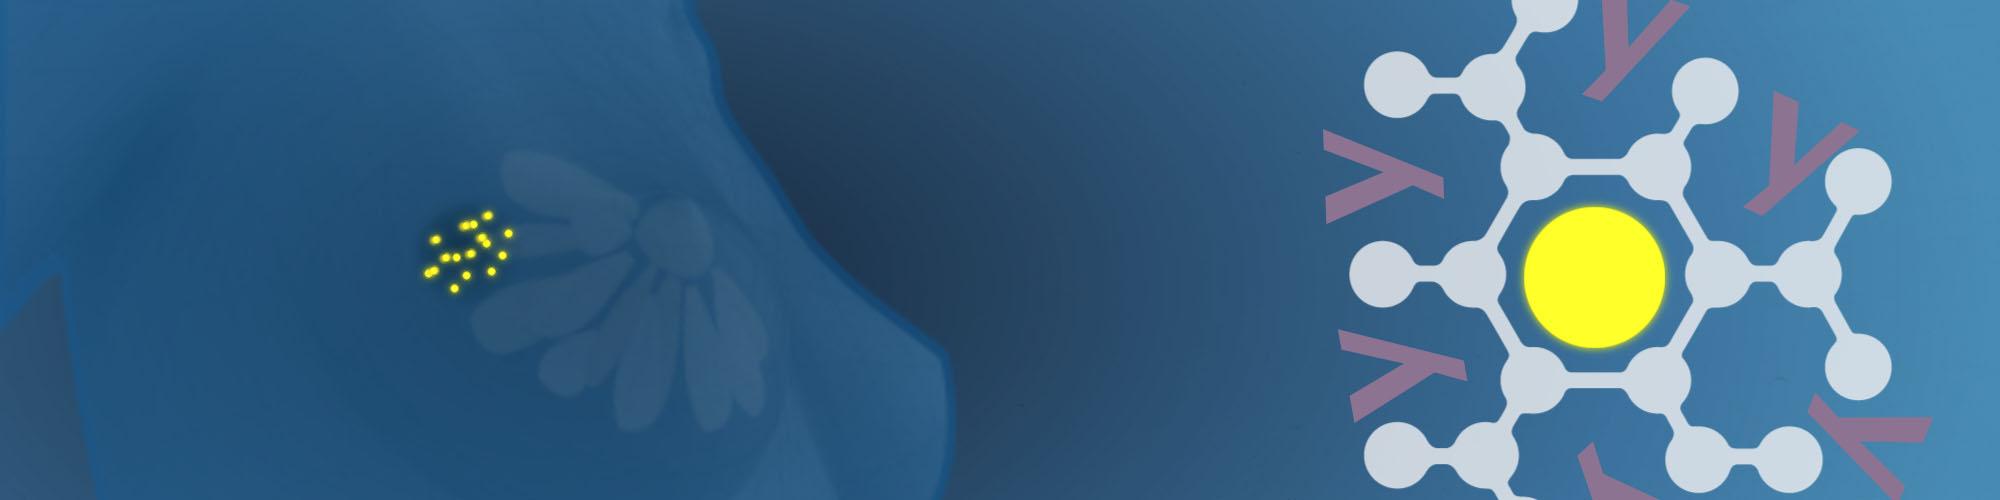 Tumore al seno: sconfiggerlo con nanosfere d'oro intelligenti